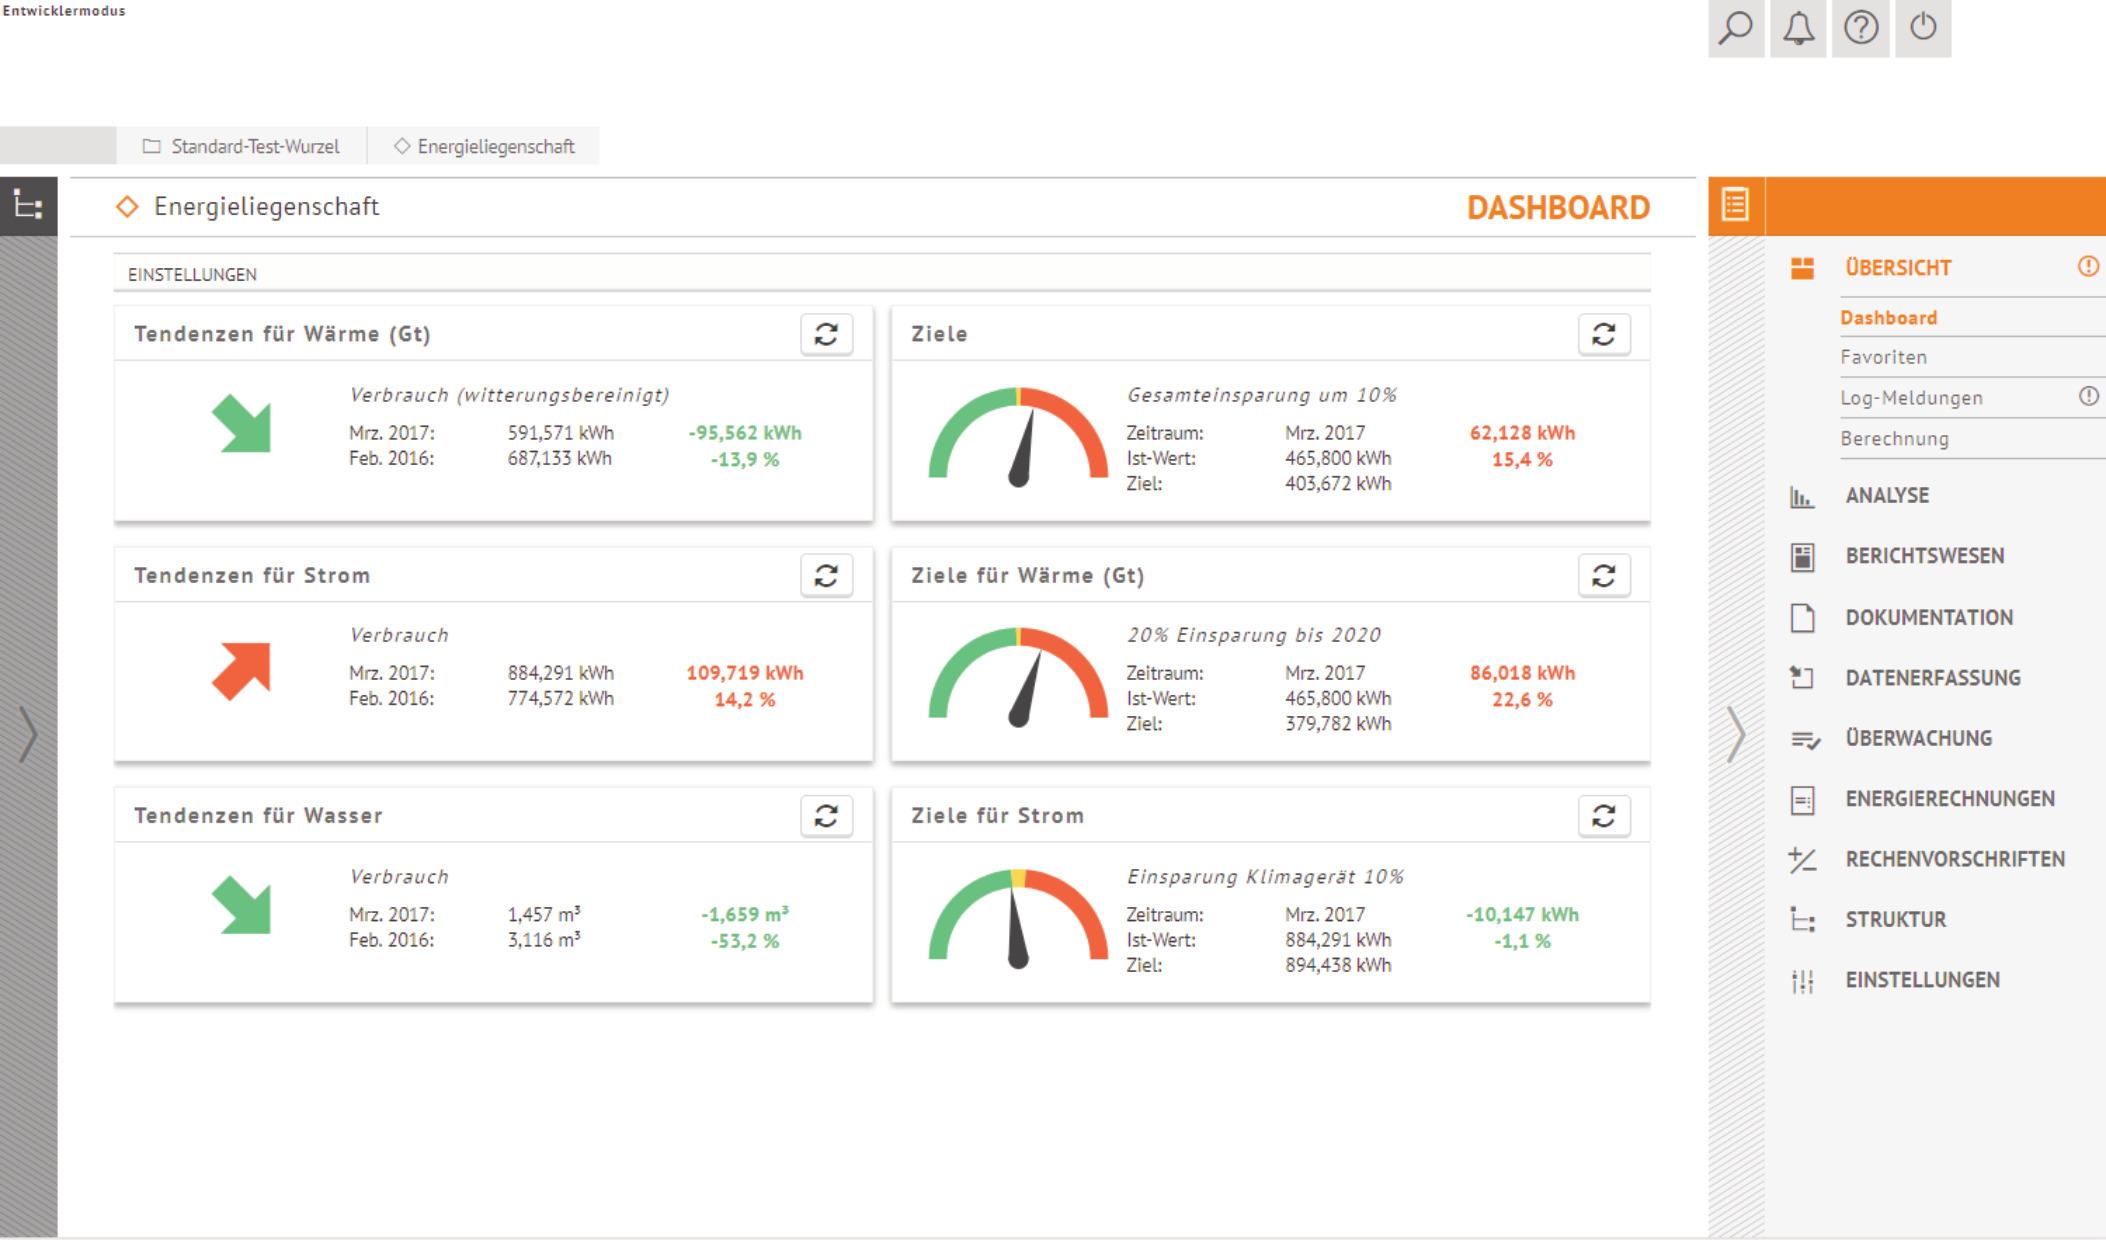 Die Anwendung ist darauf ausgelegt, Informationen für verschiedene Zielgruppen anschaulich darzustellen. (Bild: IngSoft GmbH)